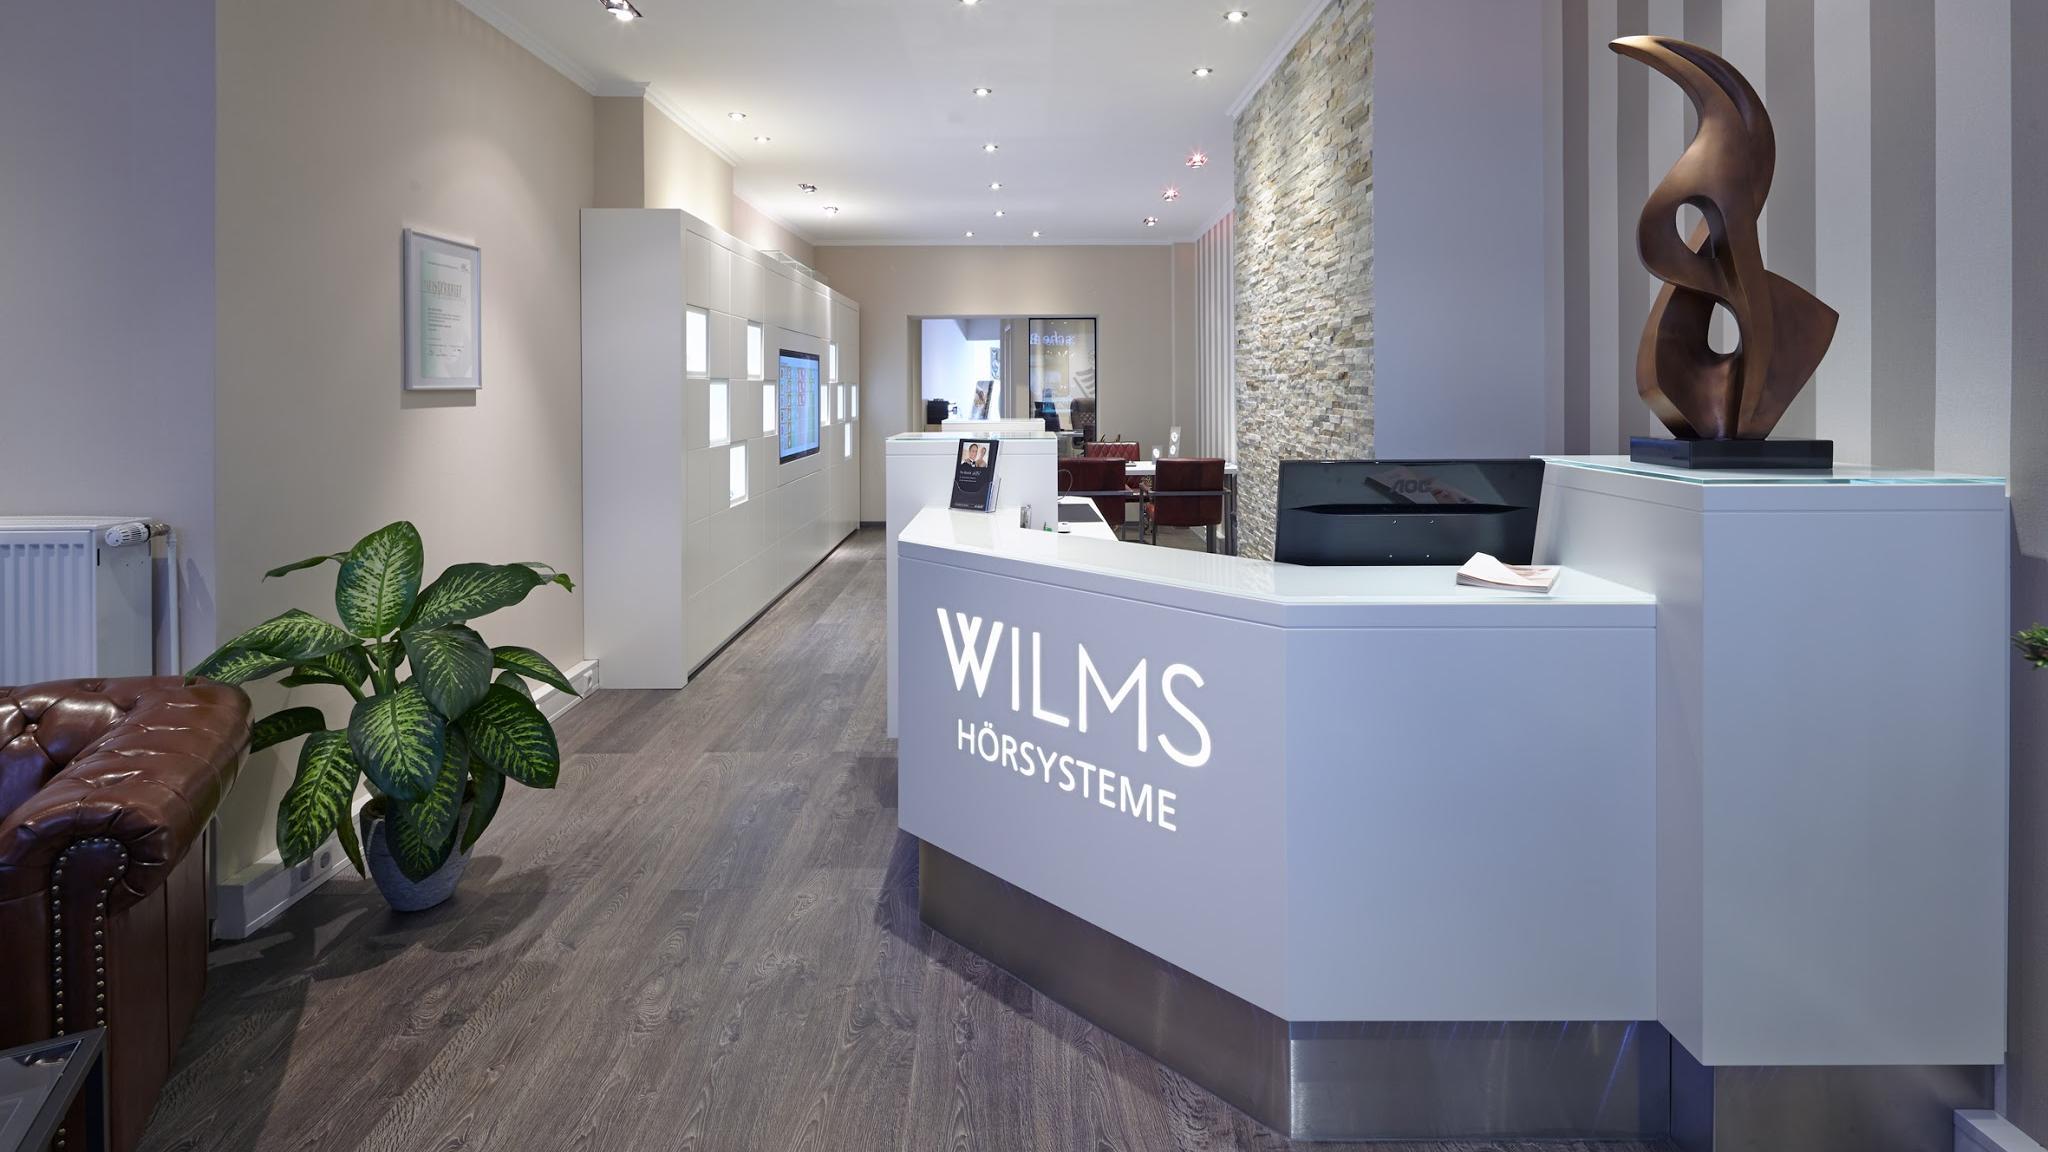 Wilms Hörsysteme GmbH, Dürener Straße in Köln